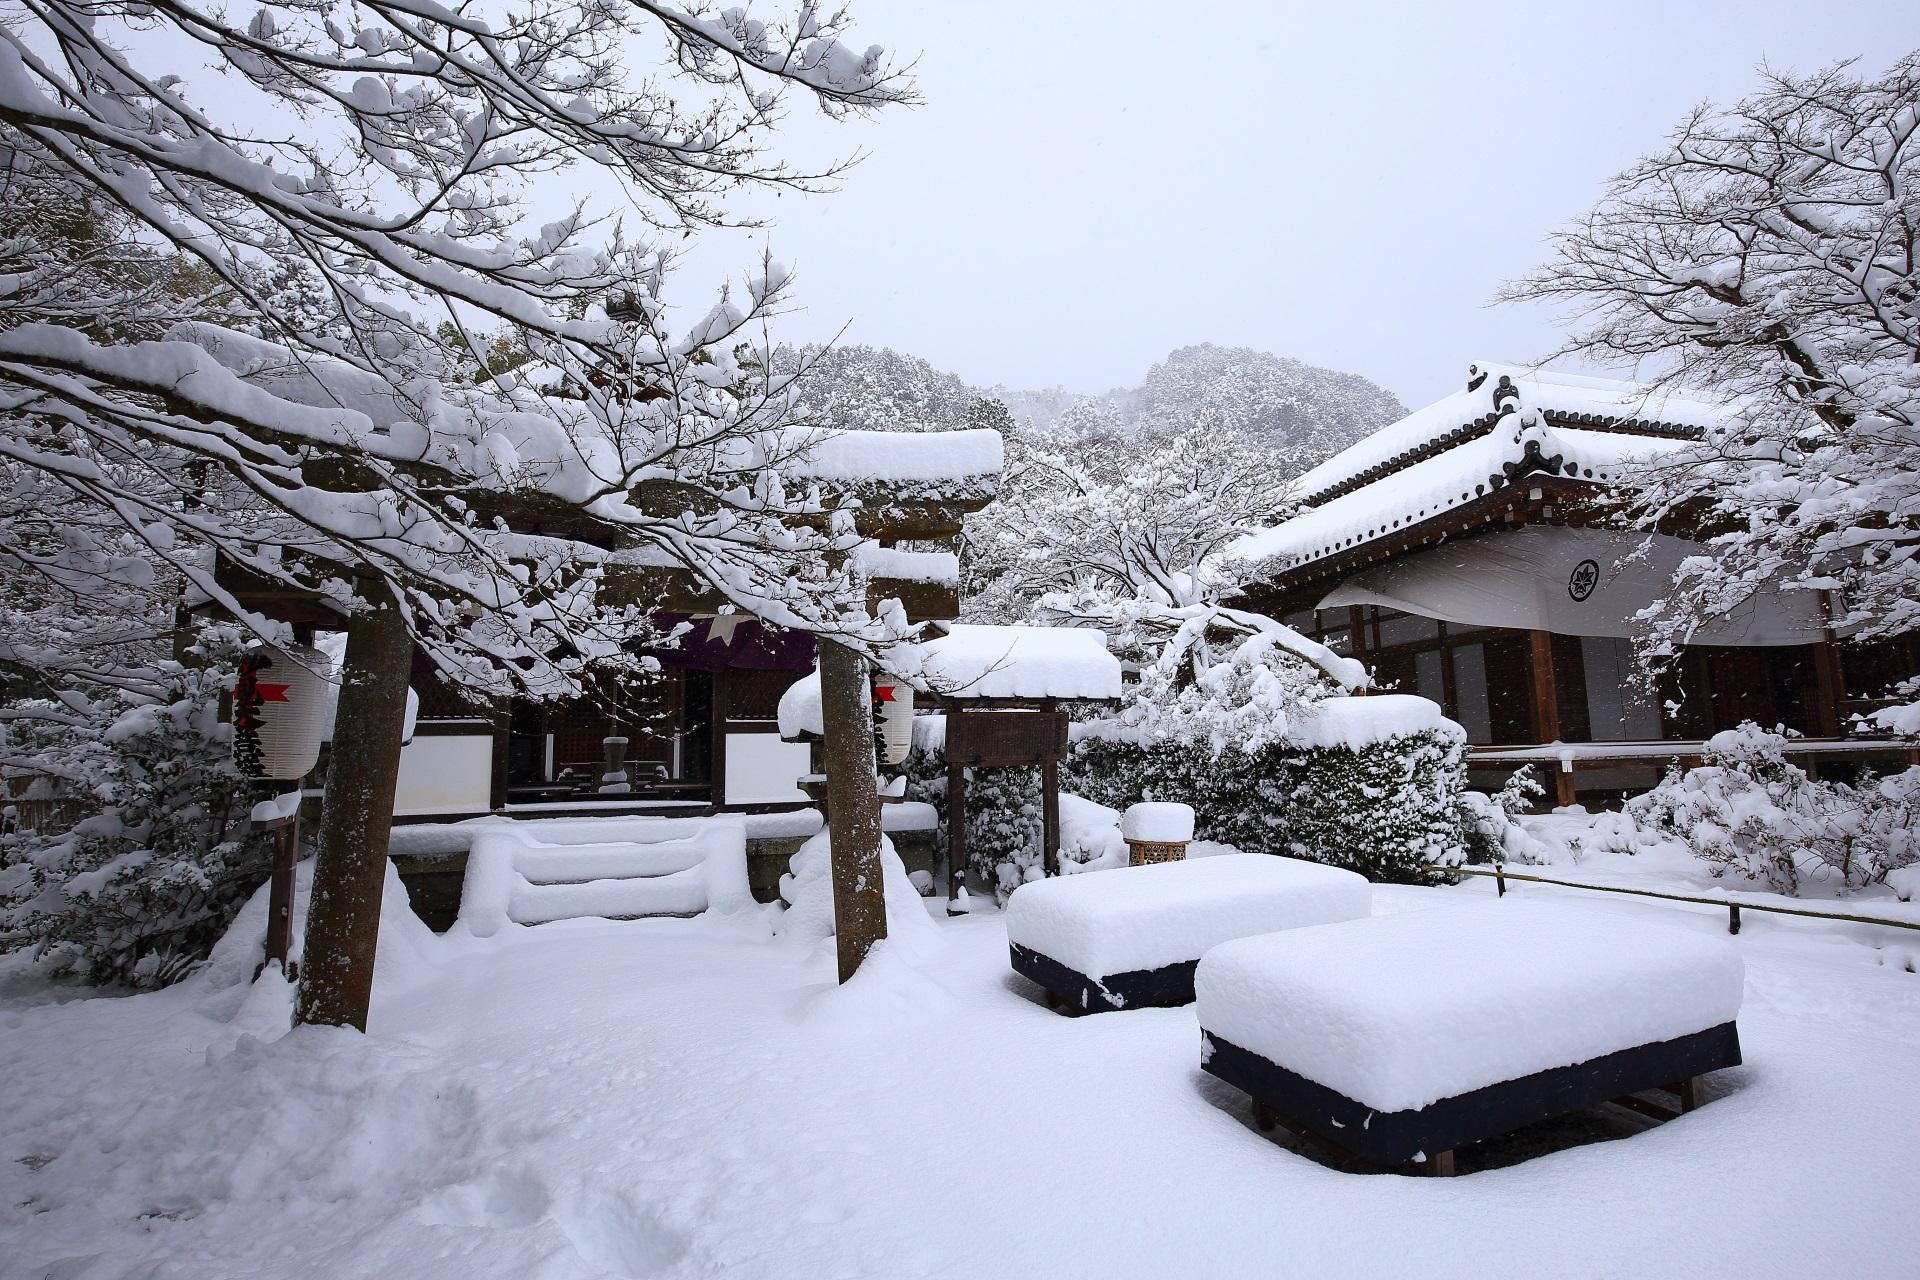 常寂光寺の妙見堂の雪景色